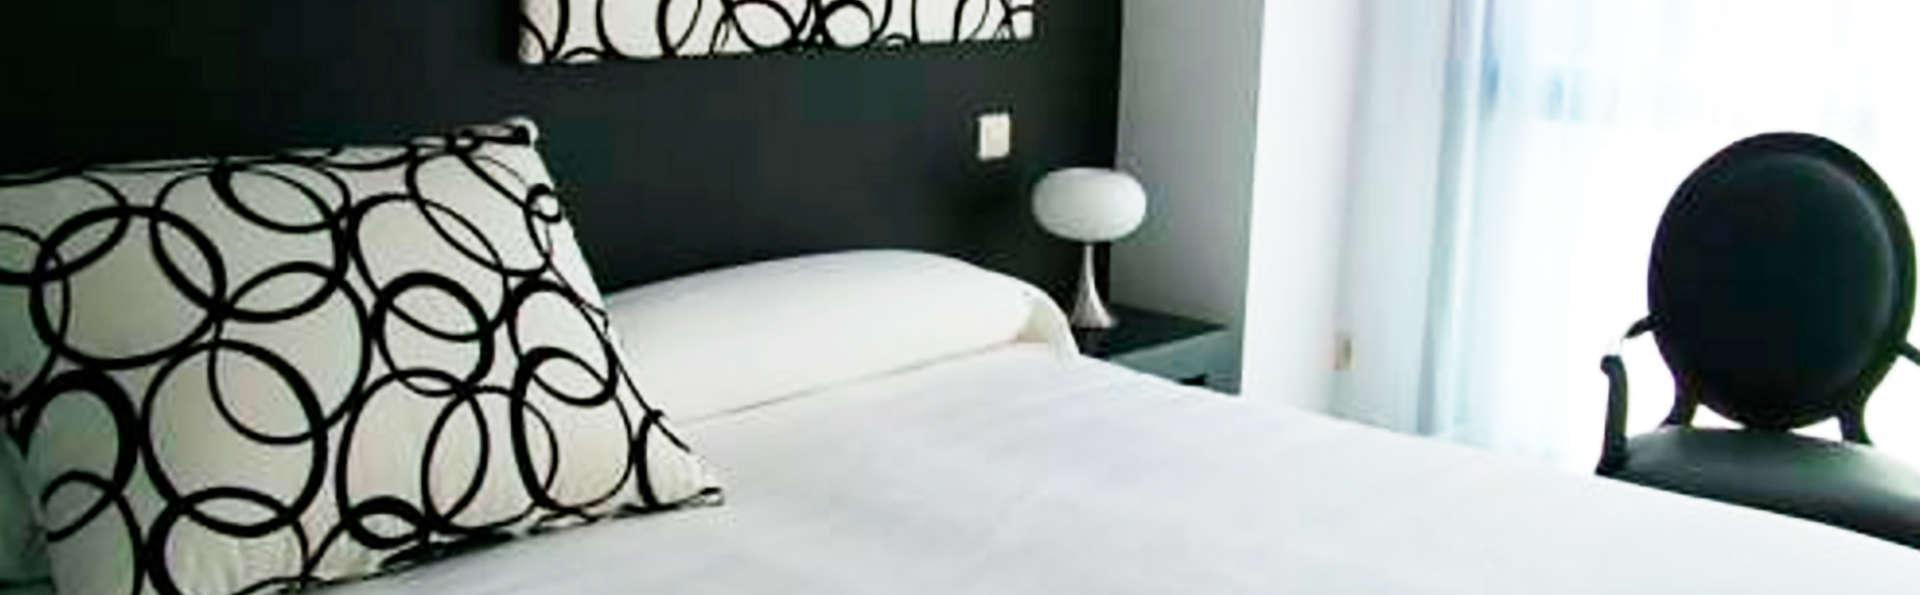 Séjour dans un hôtel de charme près de la région de Navarre